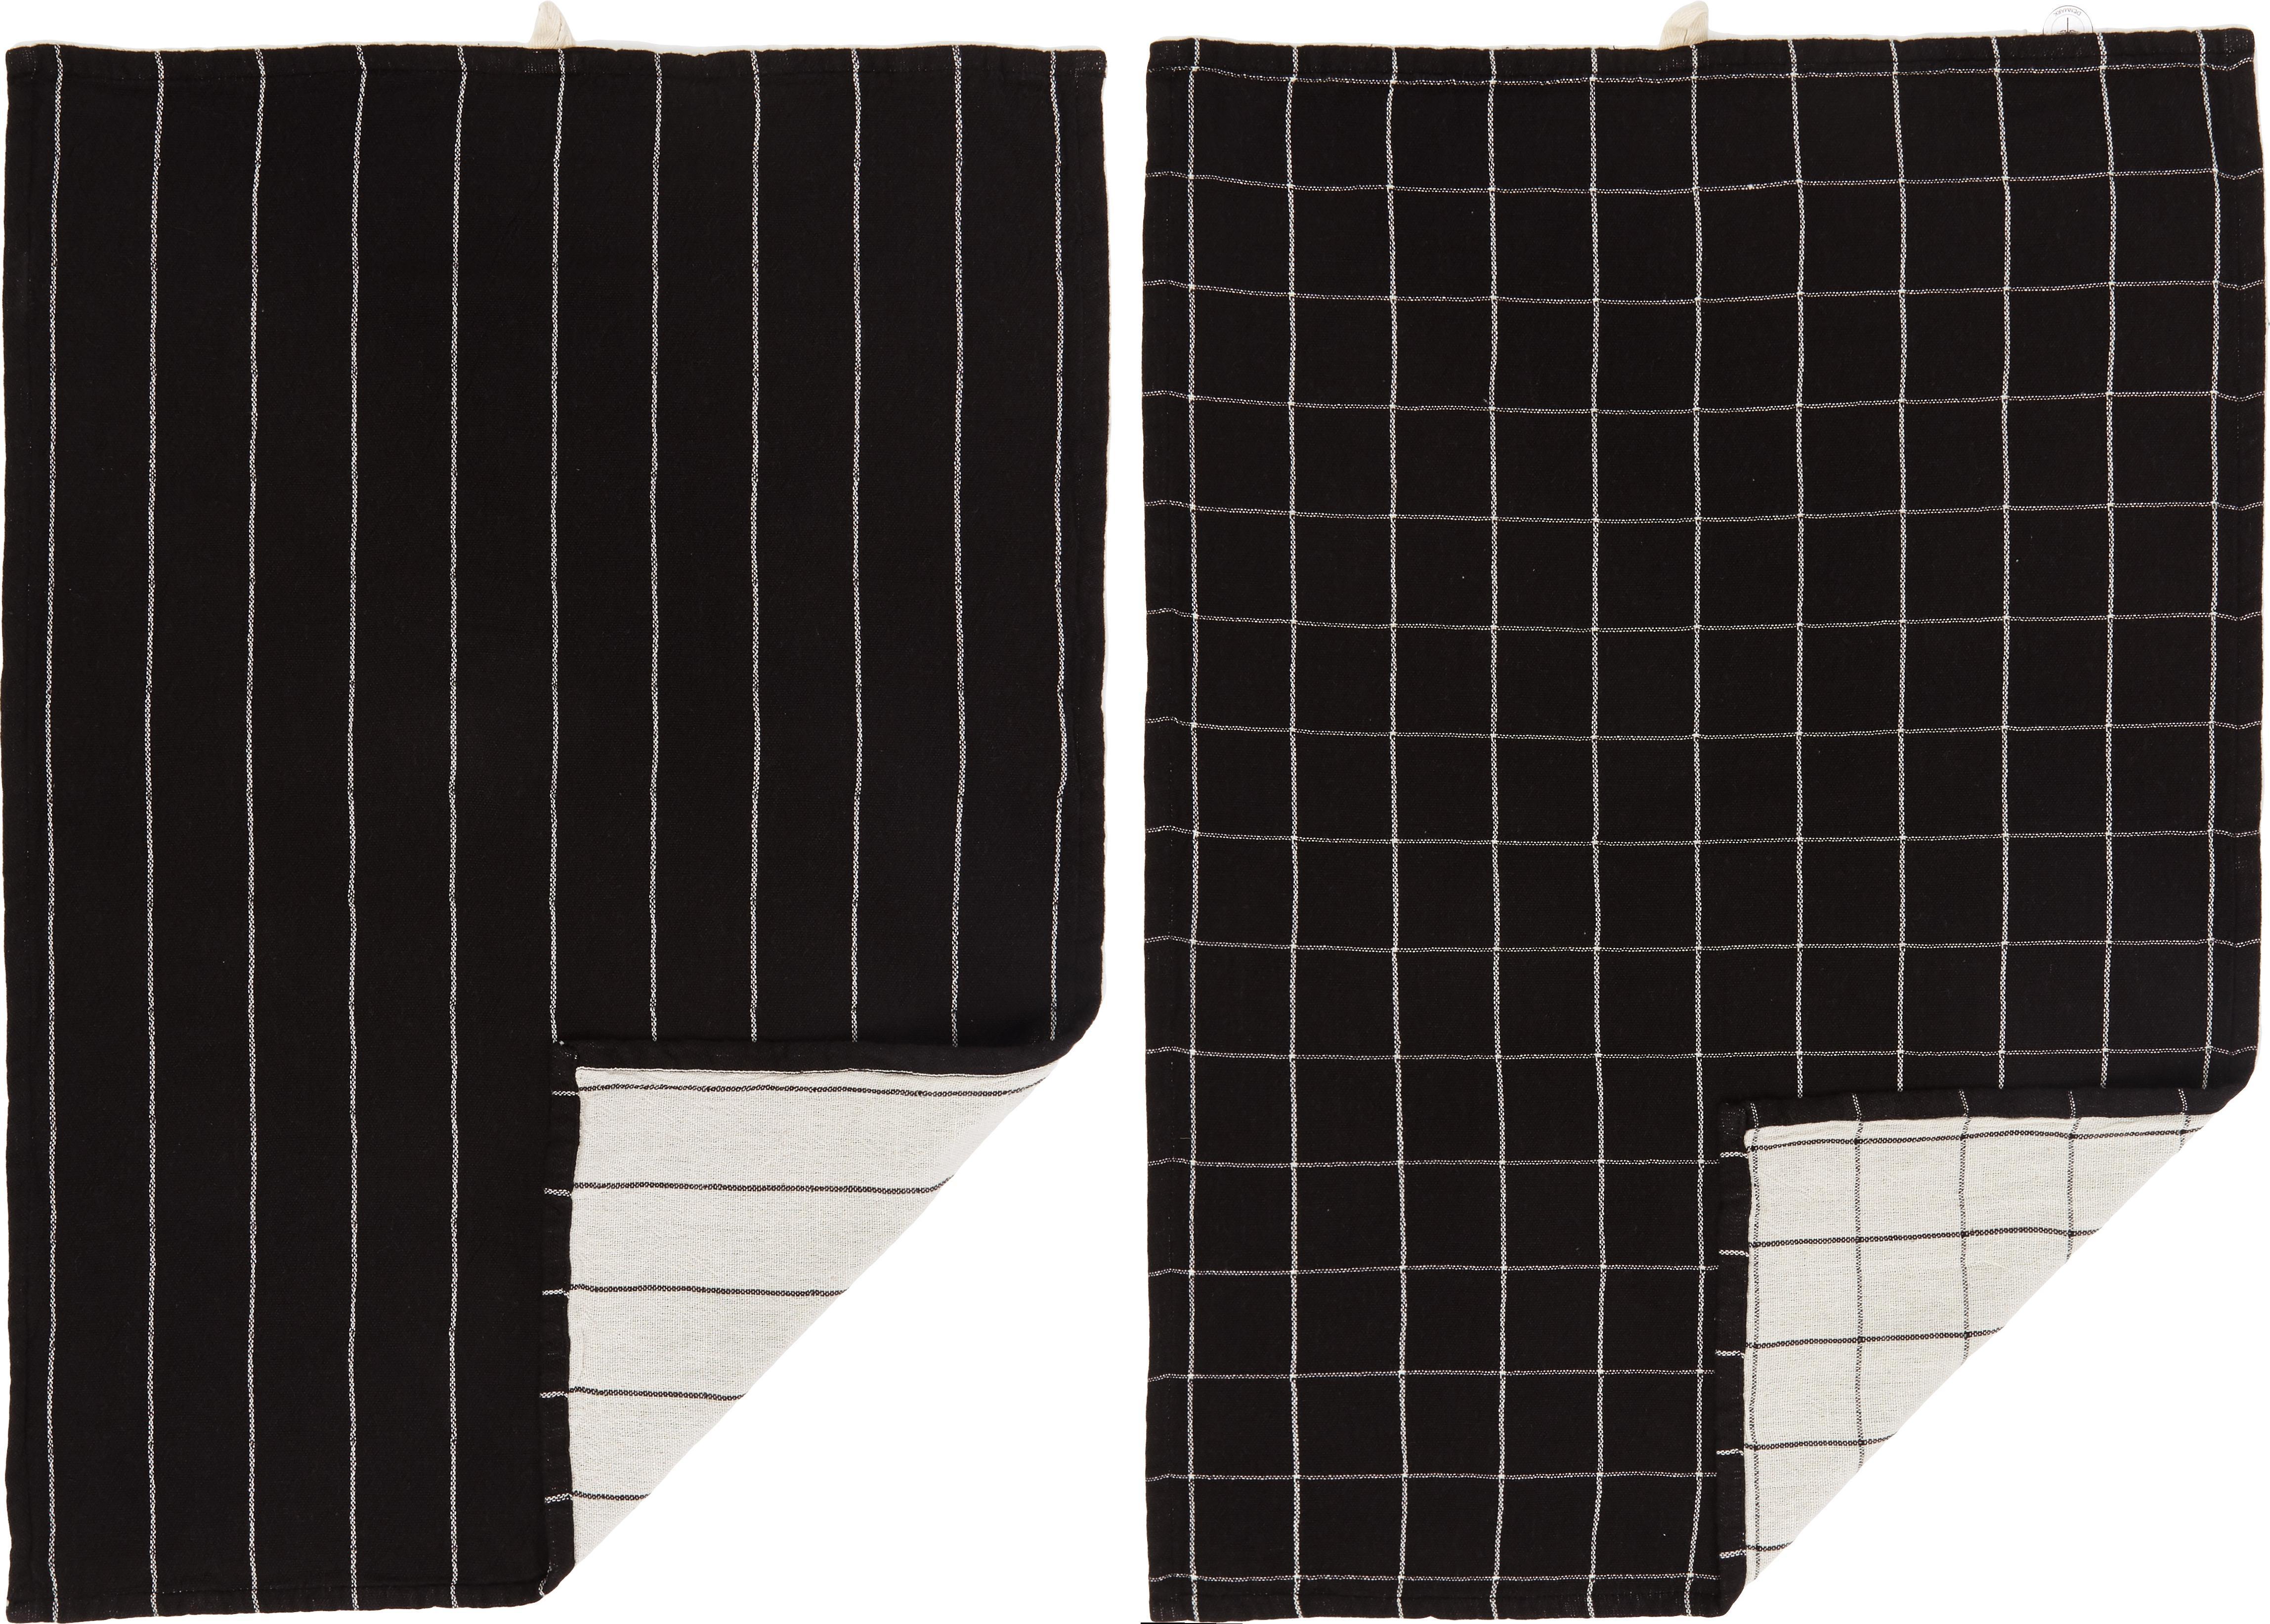 Komplet ręczników kuchennych Rick, 2 elem., Bawełna, Antracytowy, złamana biel, S 50 x D 70 cm